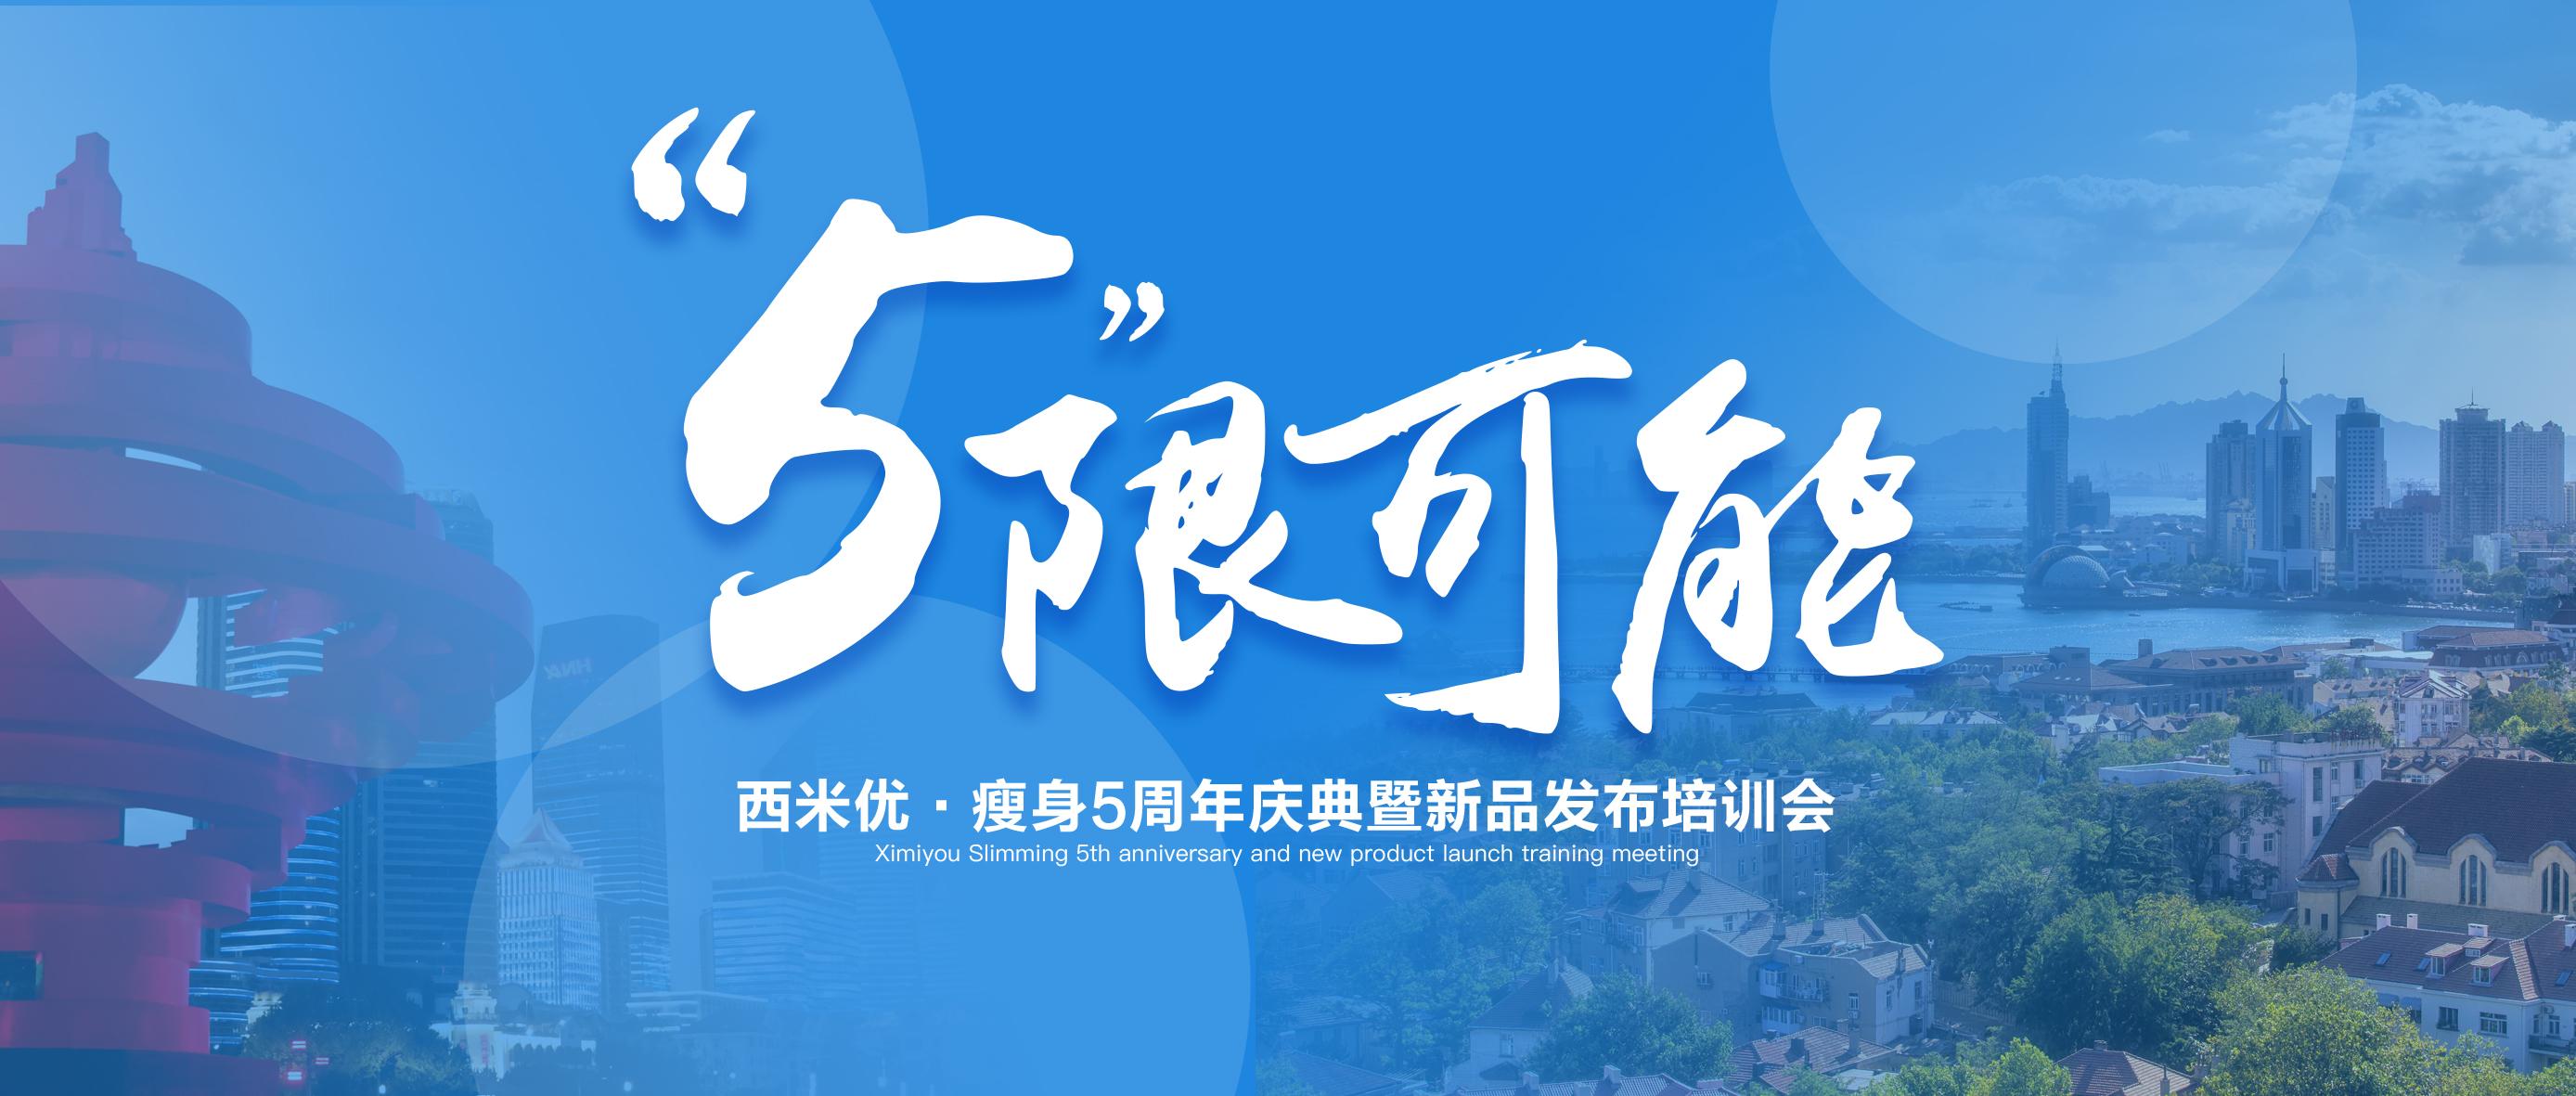 """【诚邀莅临】""""5""""限可能┃西米优·瘦身5周年庆典"""